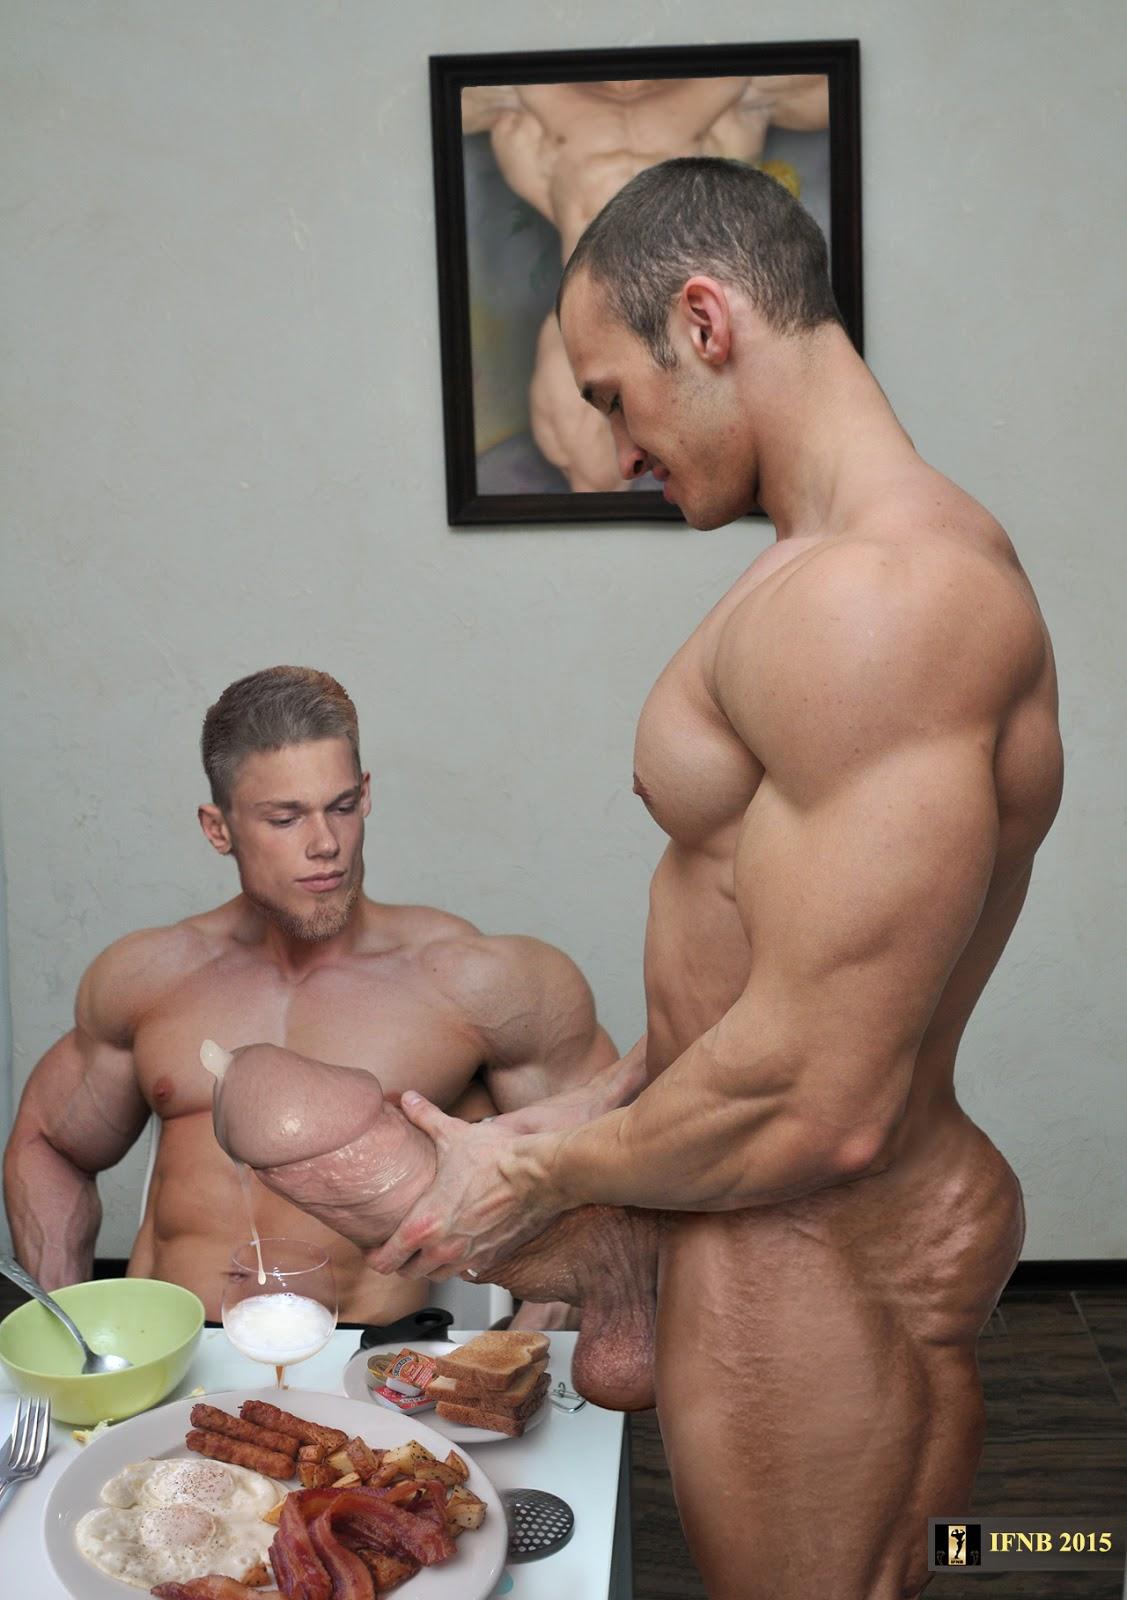 homosexuell sensuell erotik bdsm blog